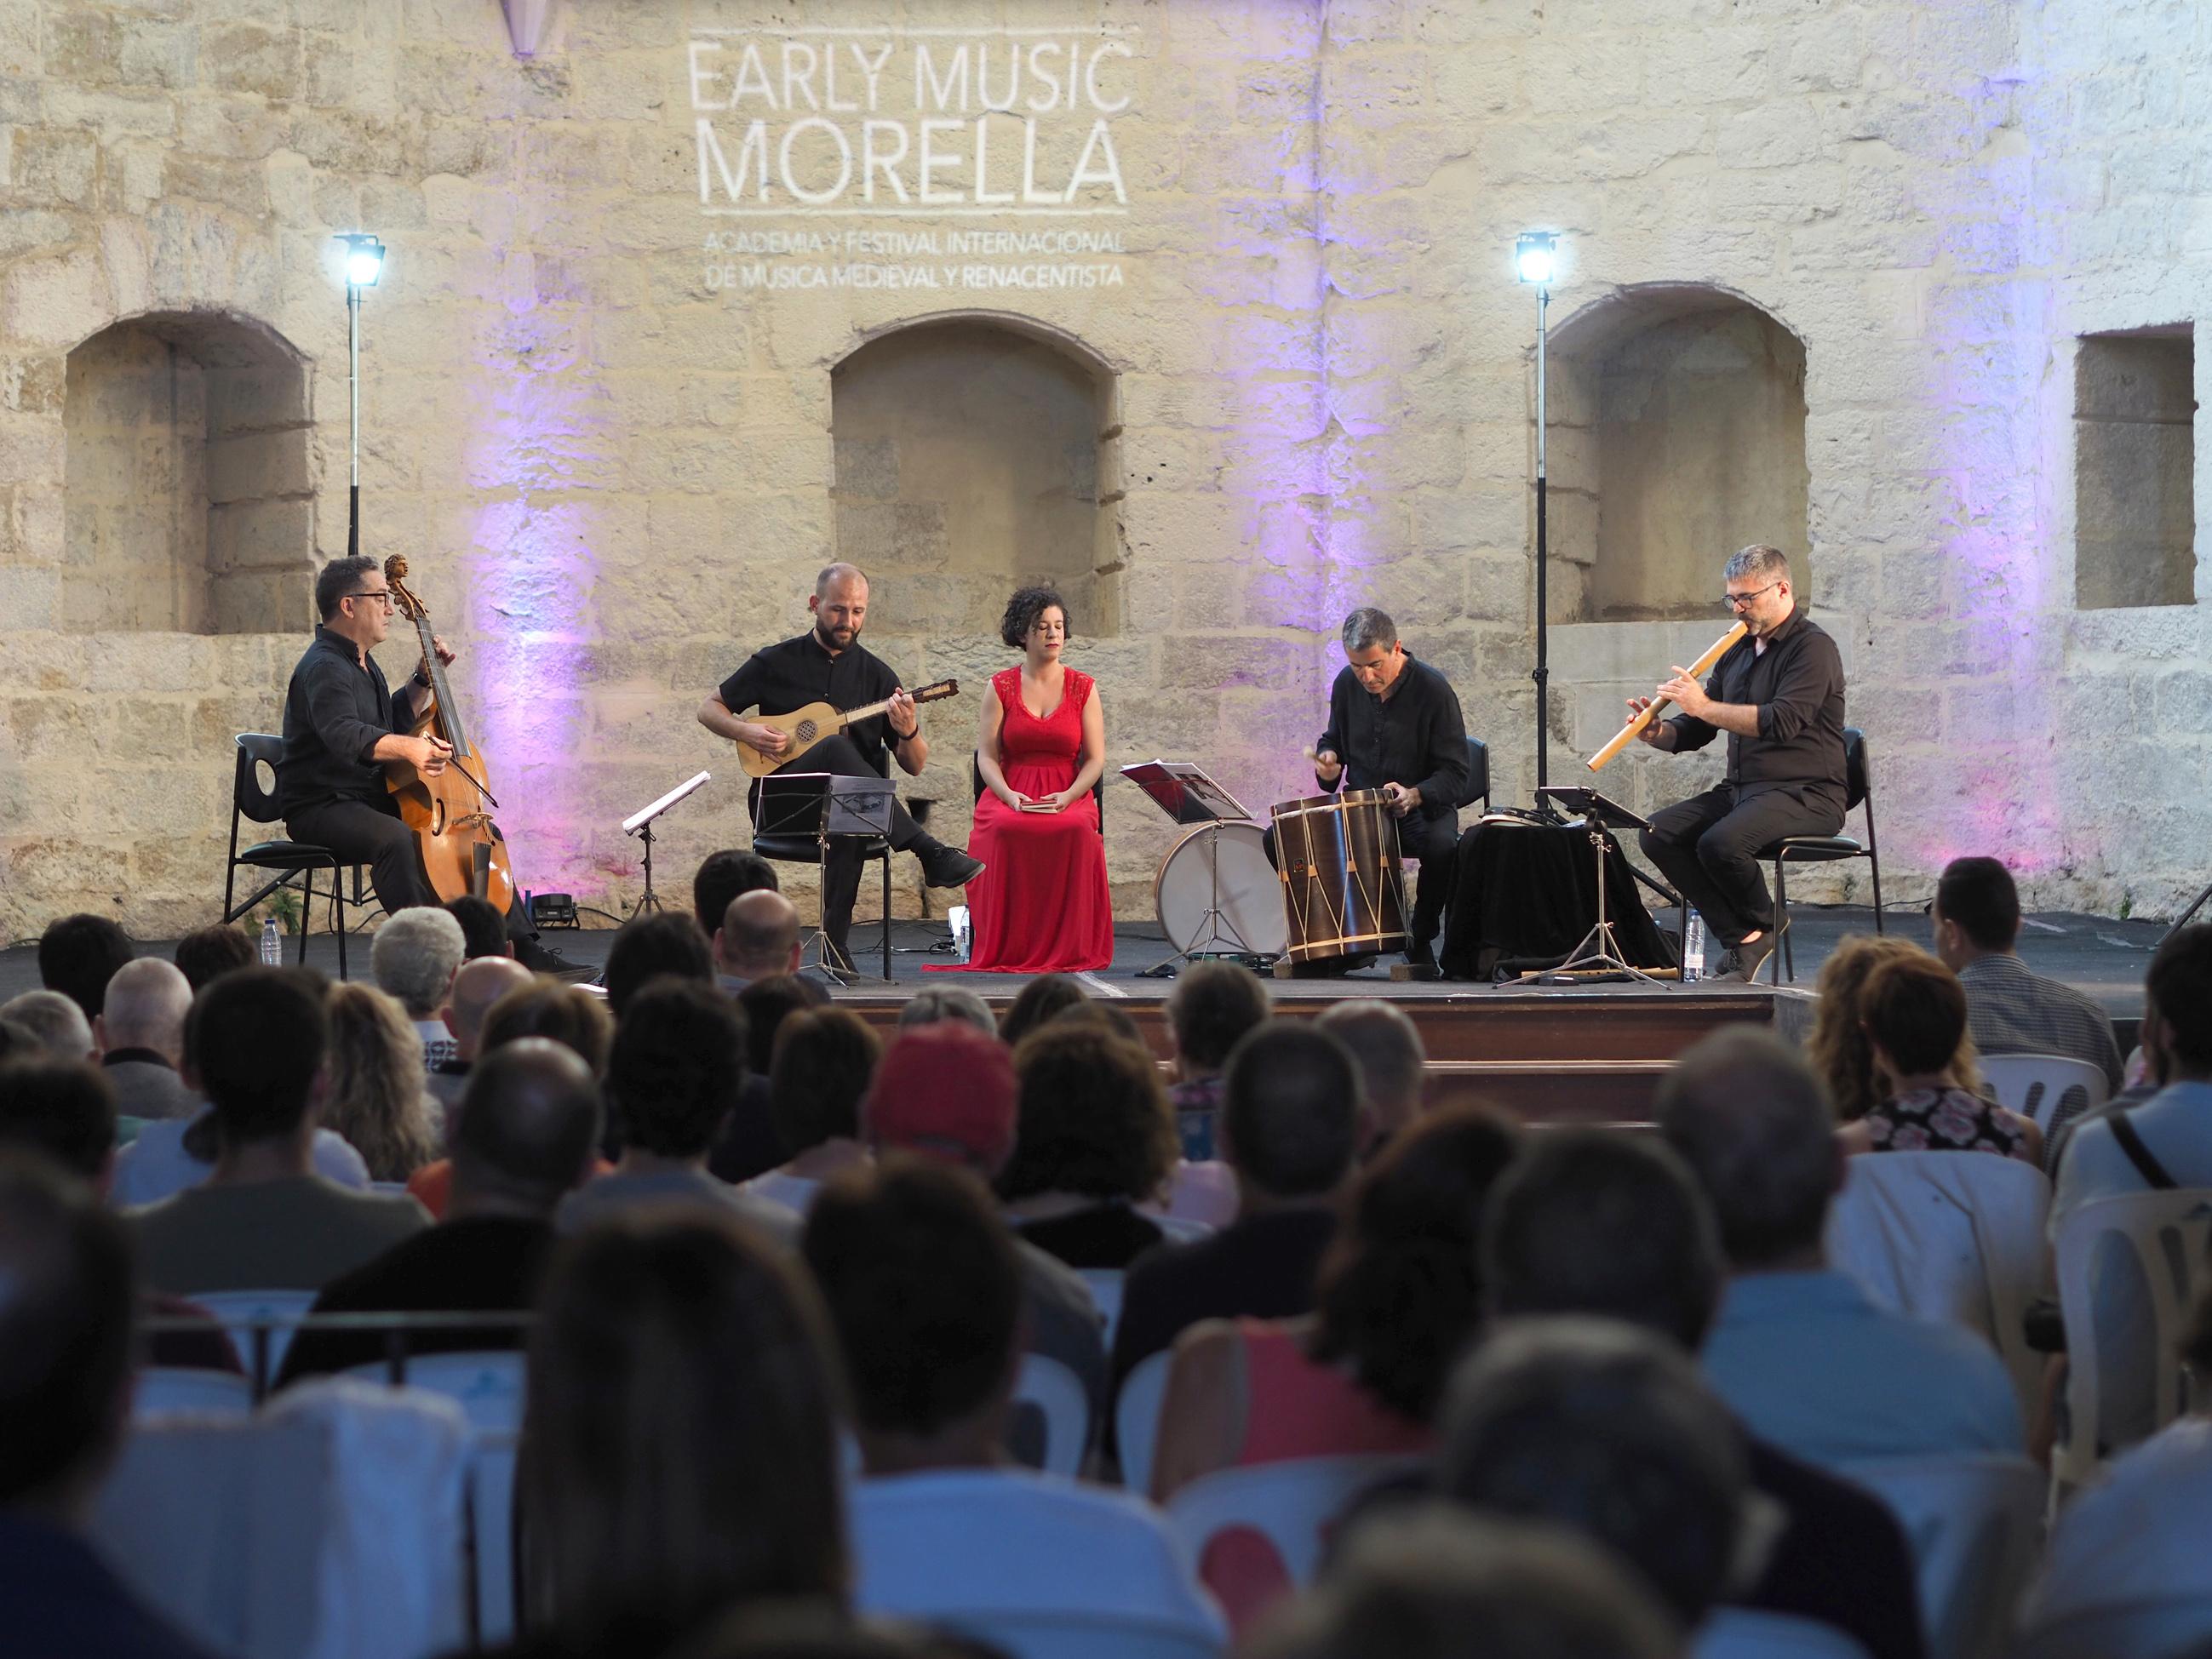 Italia publica los criterios de realización de espectáculos